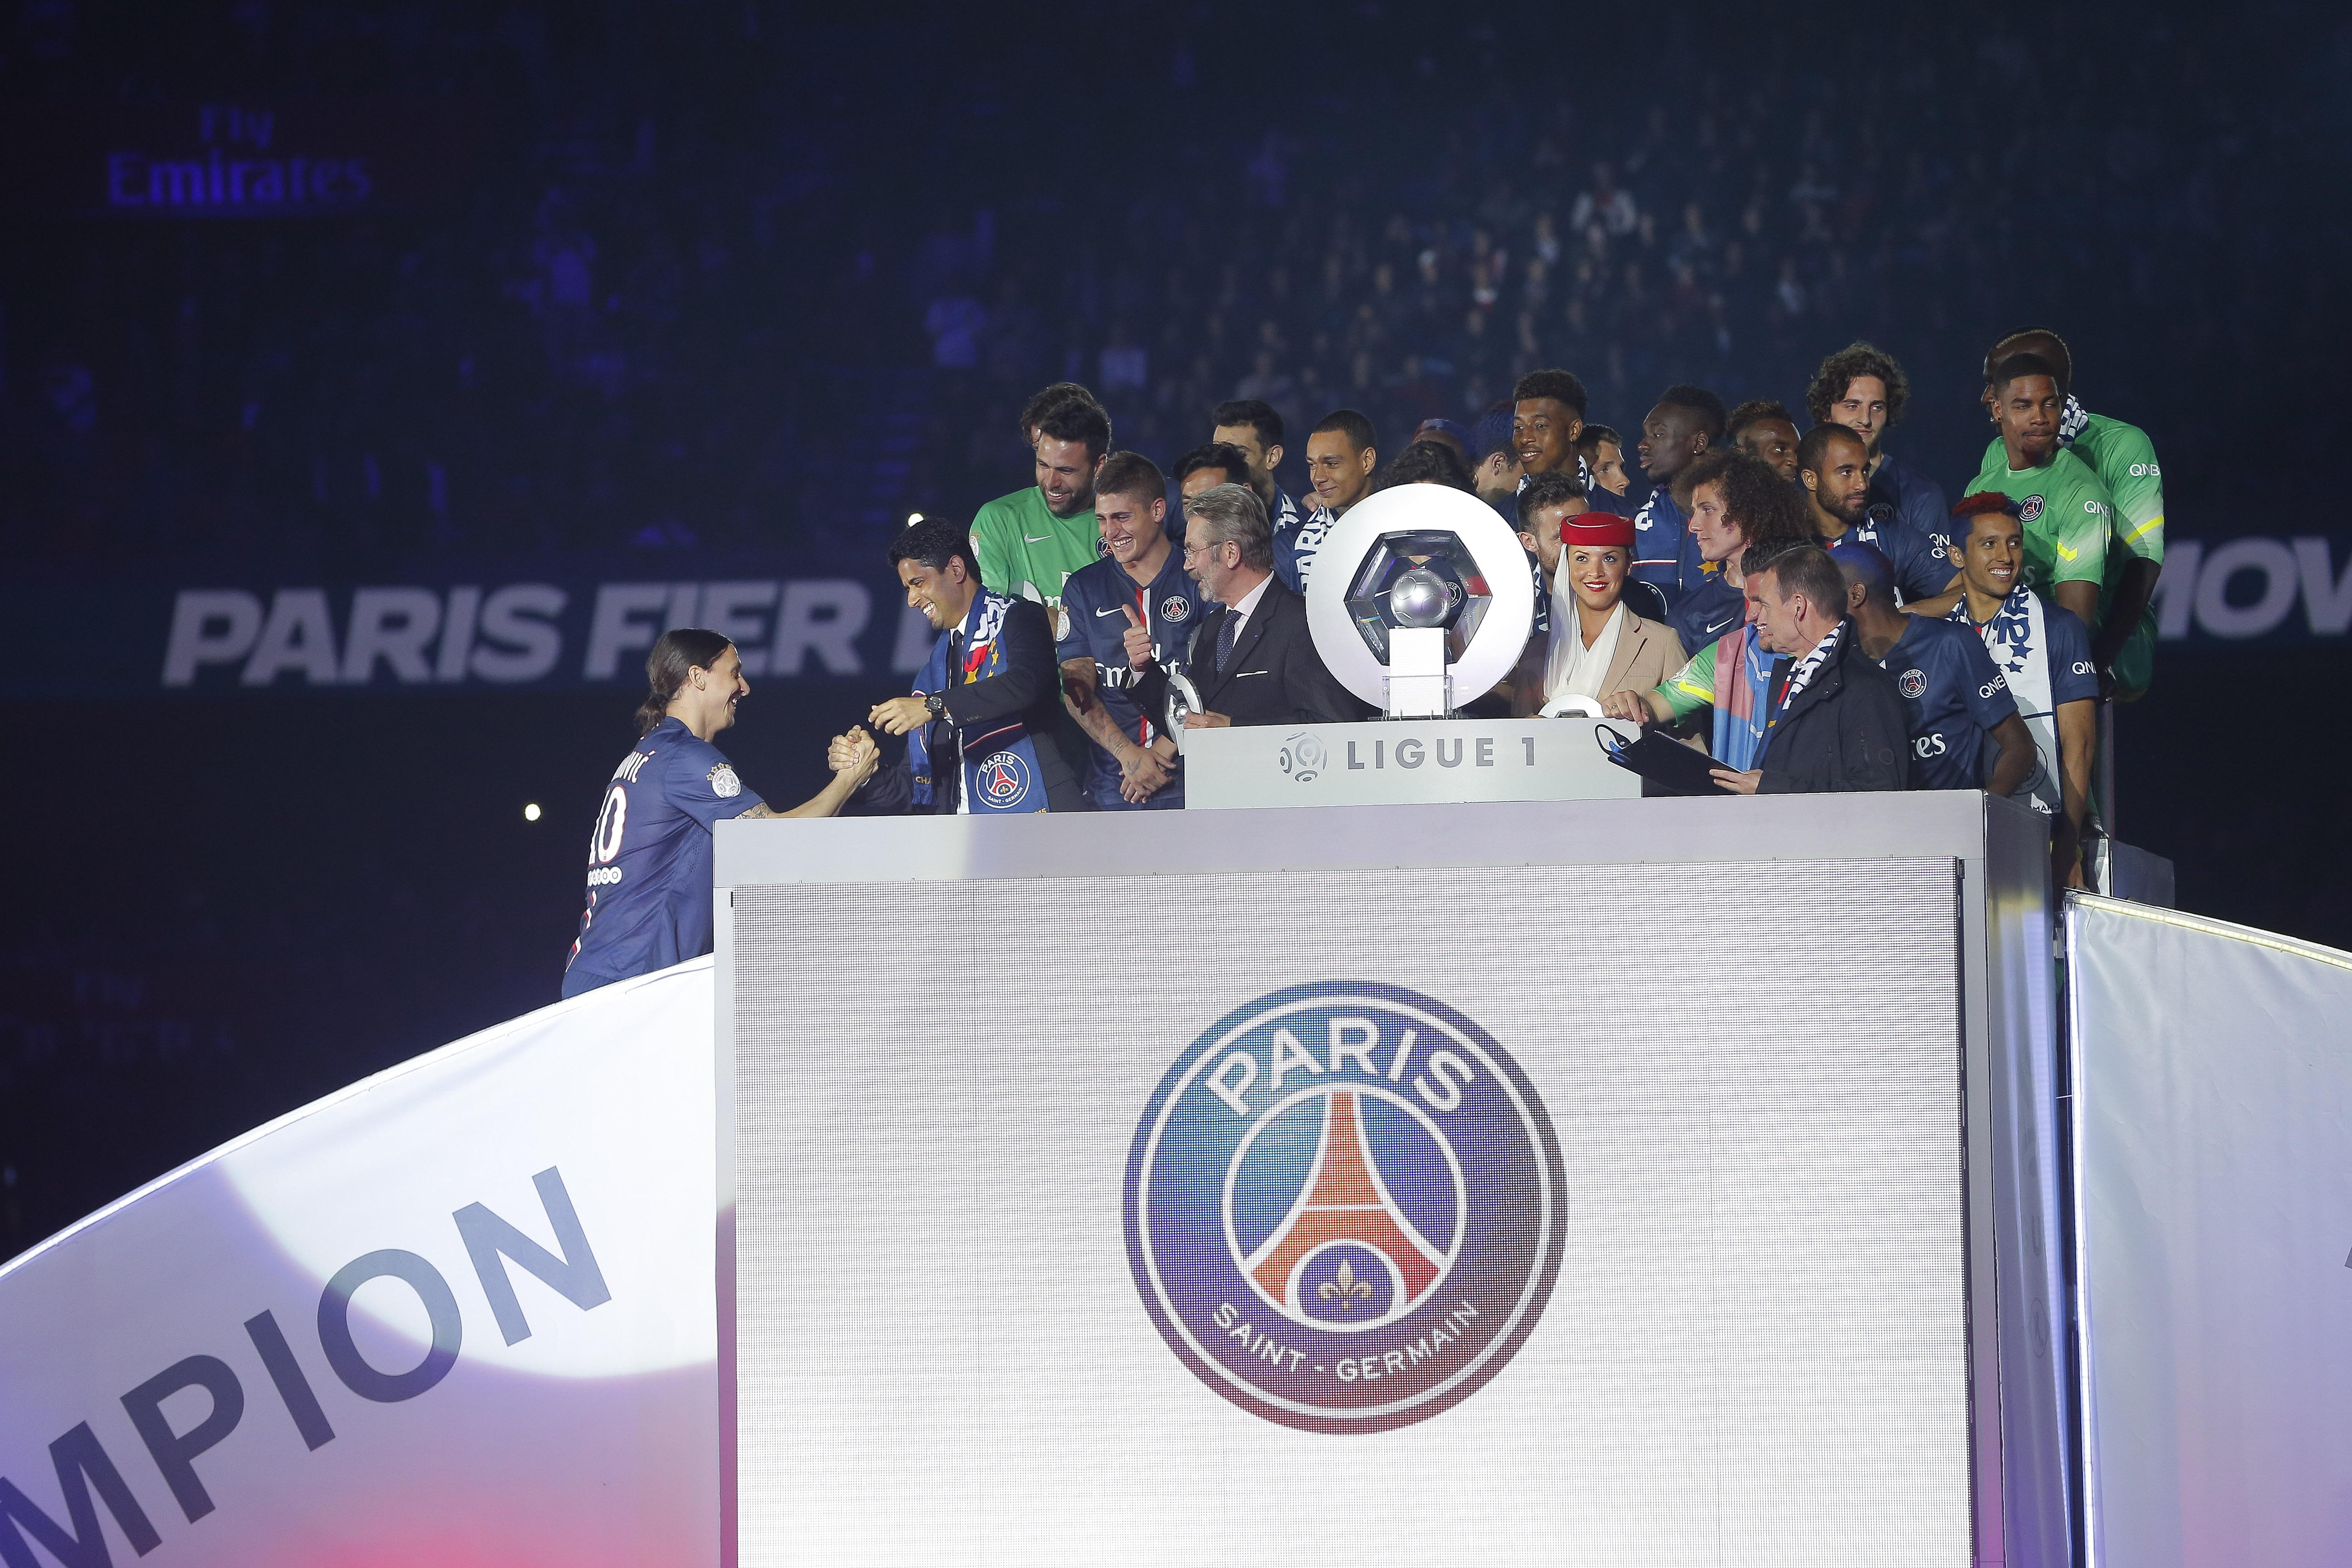 [Débat] La Ligue 1 est-elle le futur meilleur championnat d'Europe ? (Part. 1)